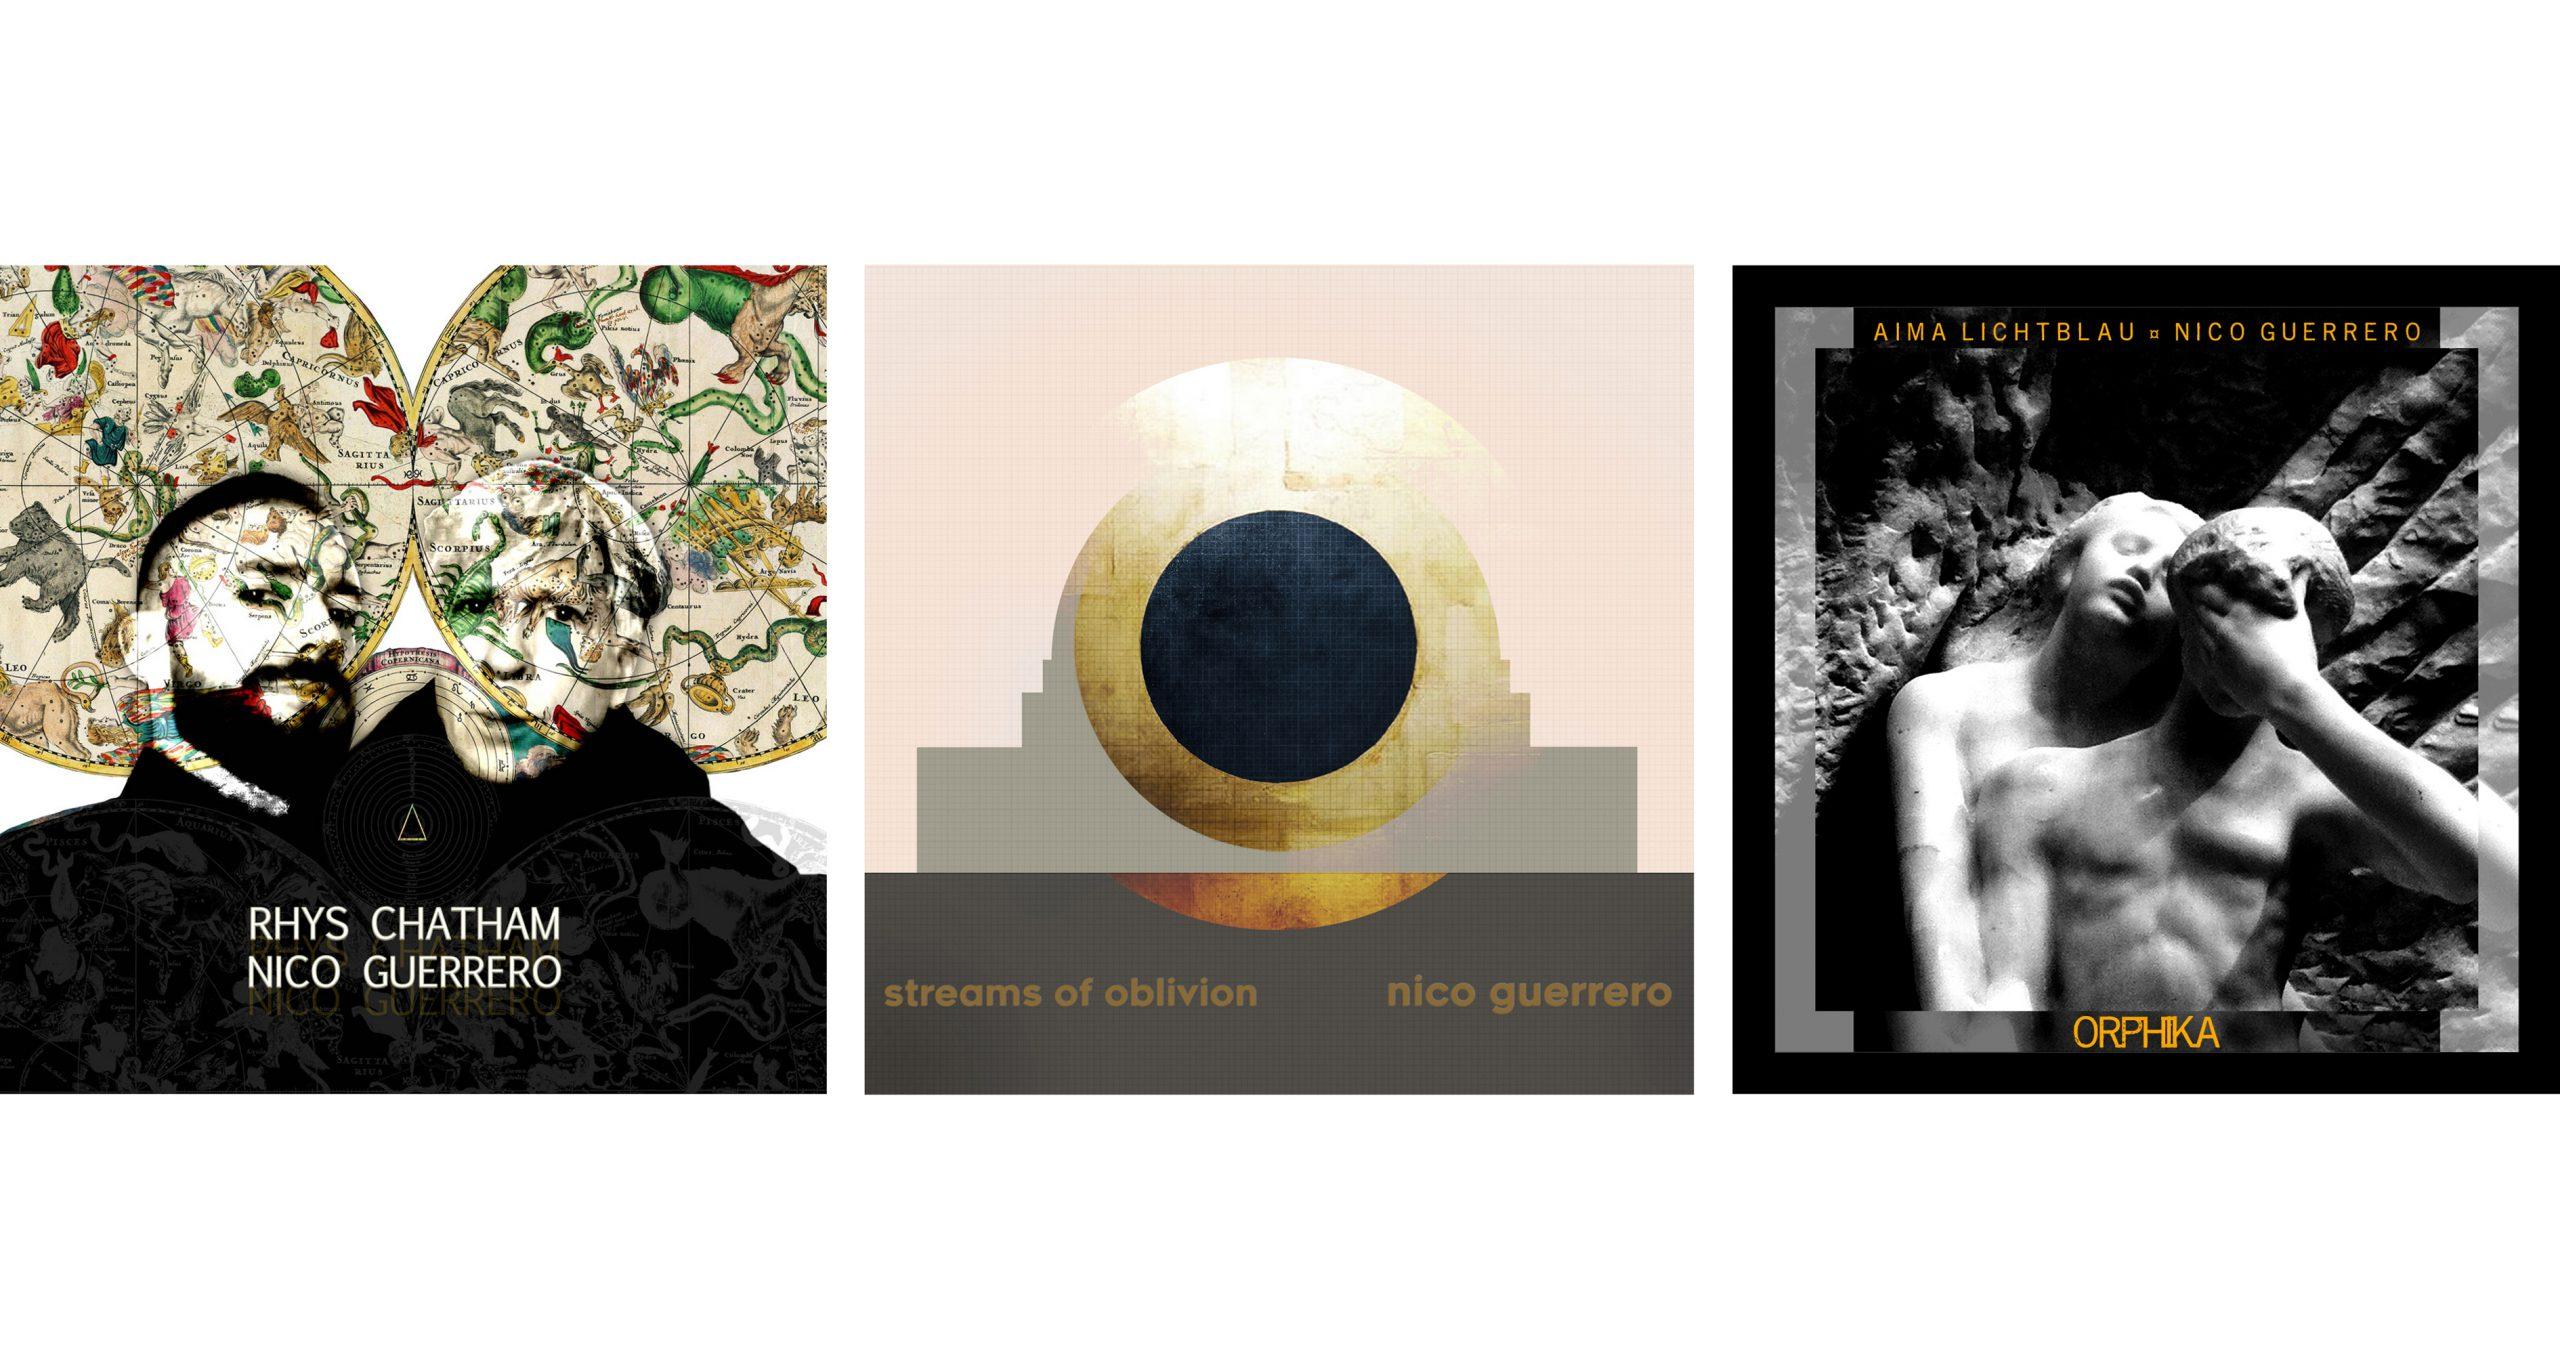 """New releases 2021 : Nico Guerrero """"Streams of Oblivion"""" Album   Rhys Chatham & Nico Guerrero duo   Aima Lichtblau & Nico Guerrero"""